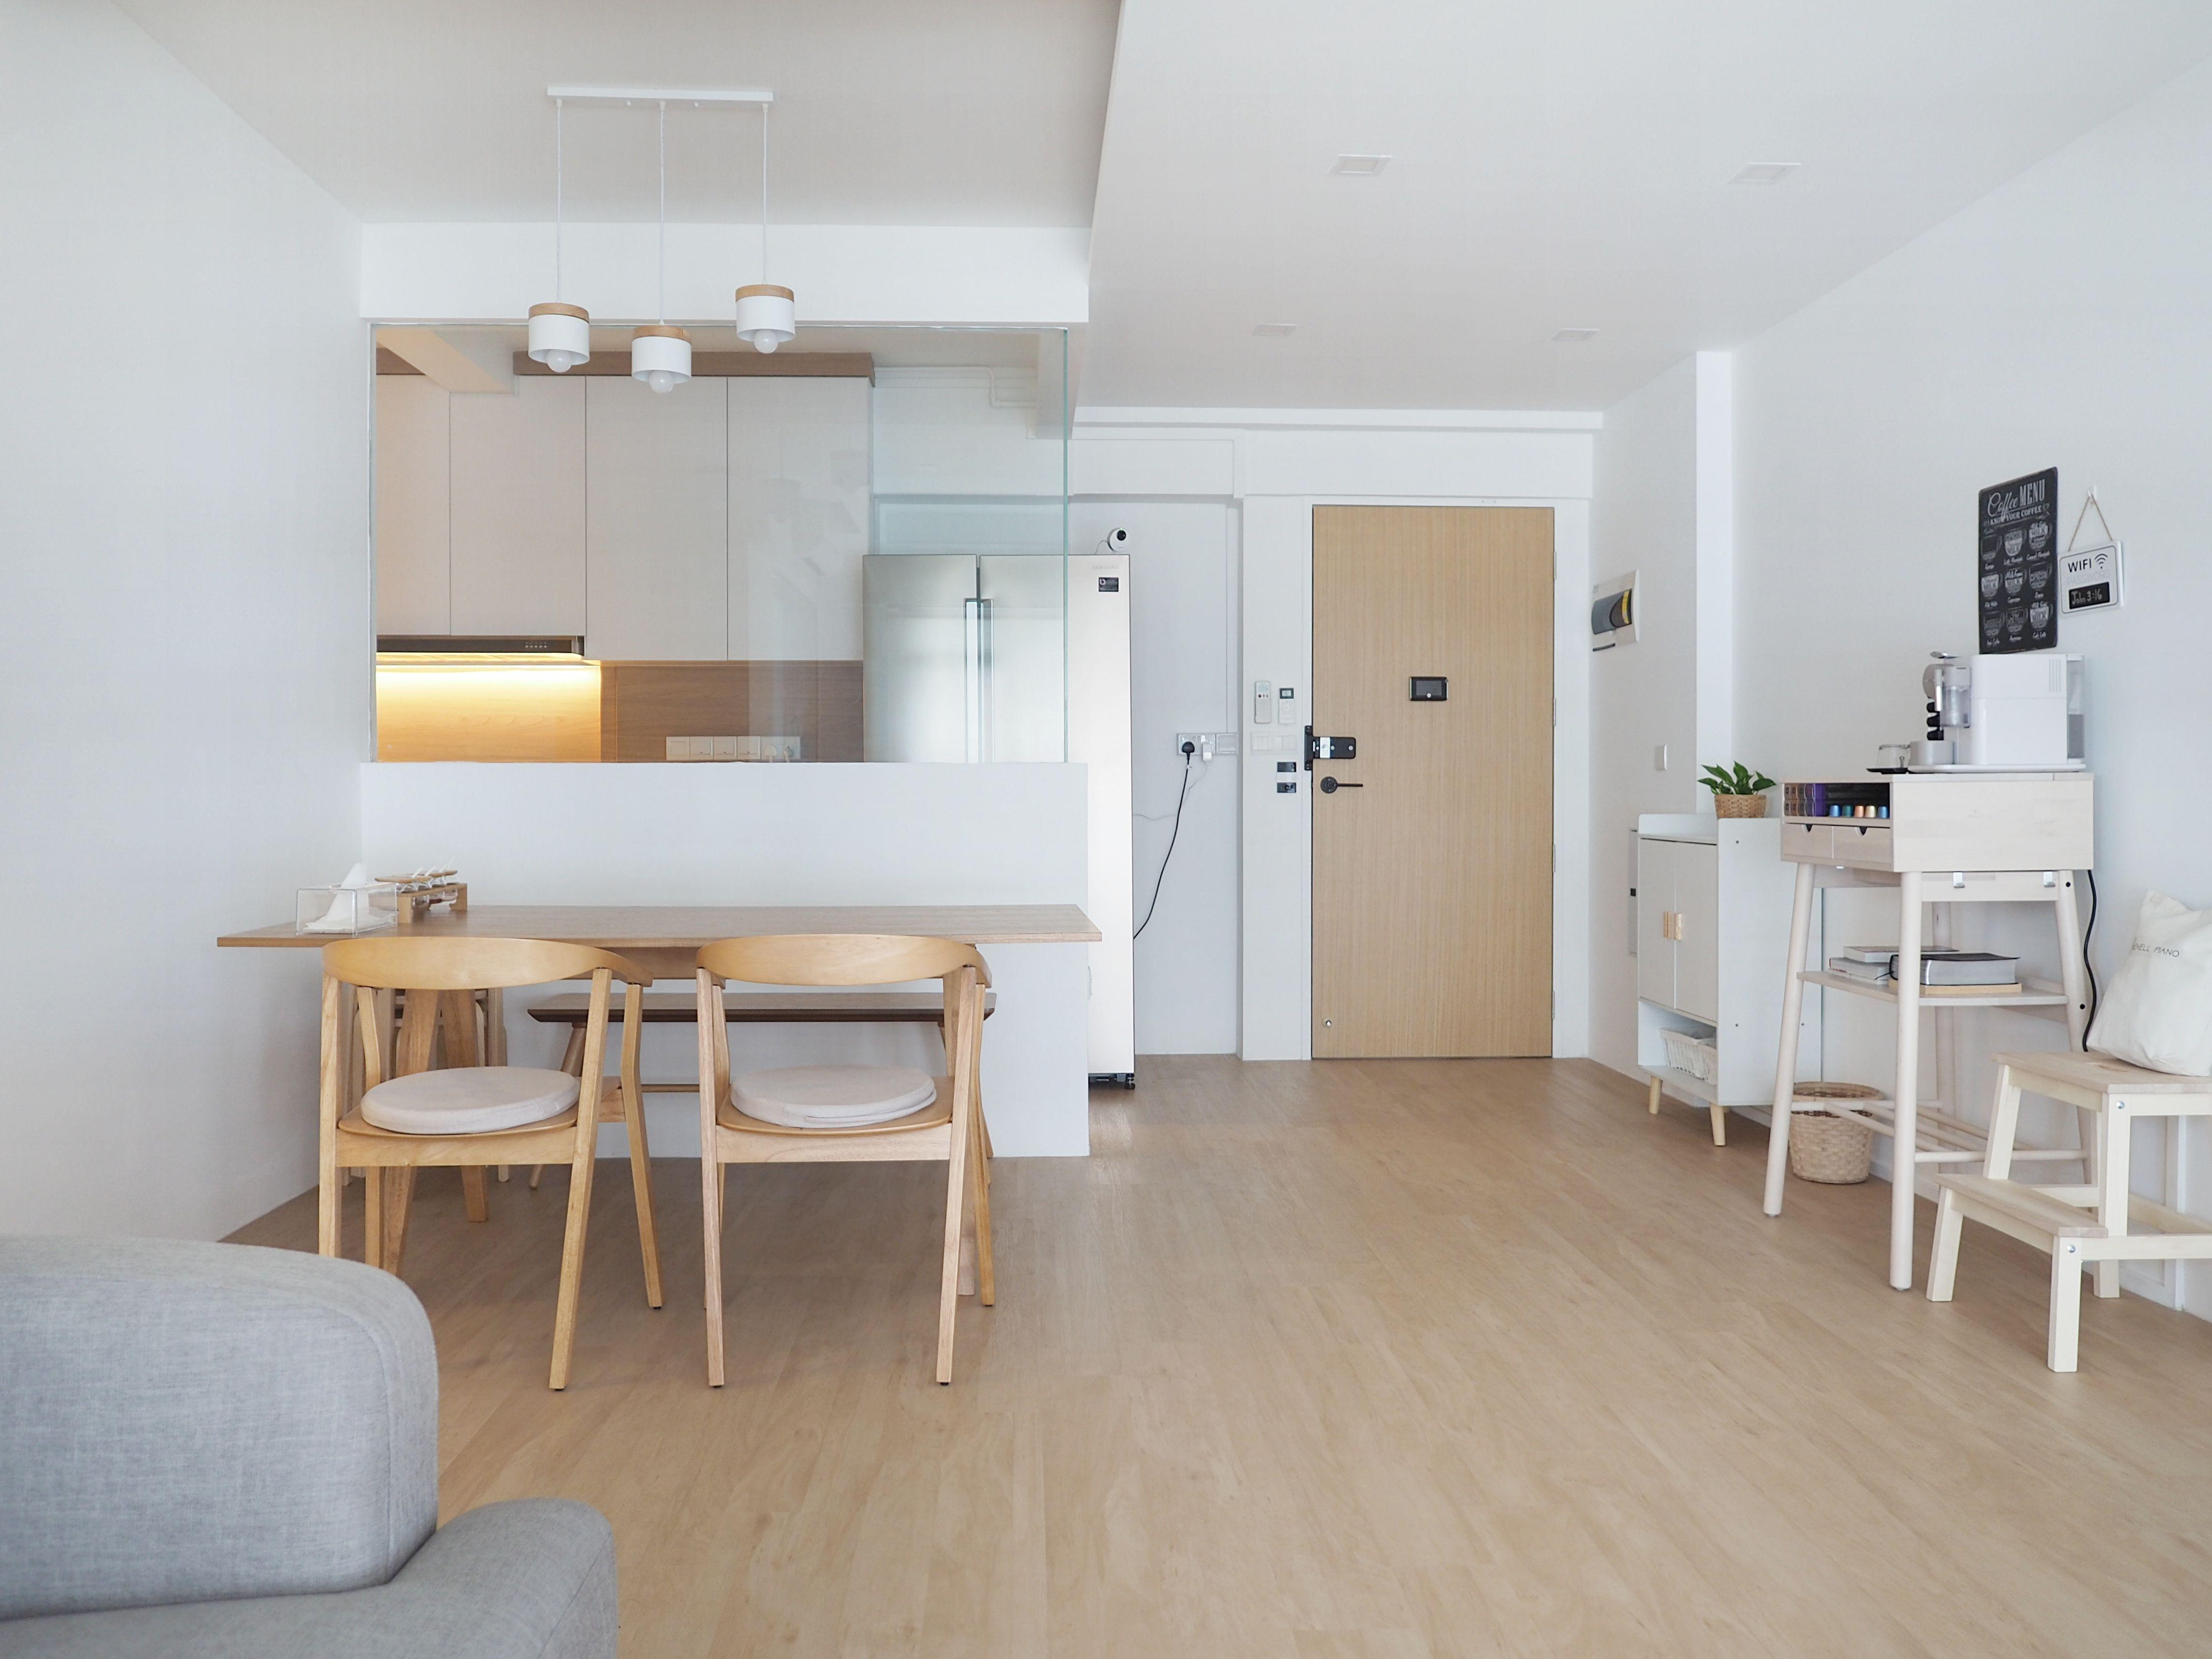 pin by the minimalist society on modern scandi port folio muji home muji style home decor on kitchen organization japanese id=37230